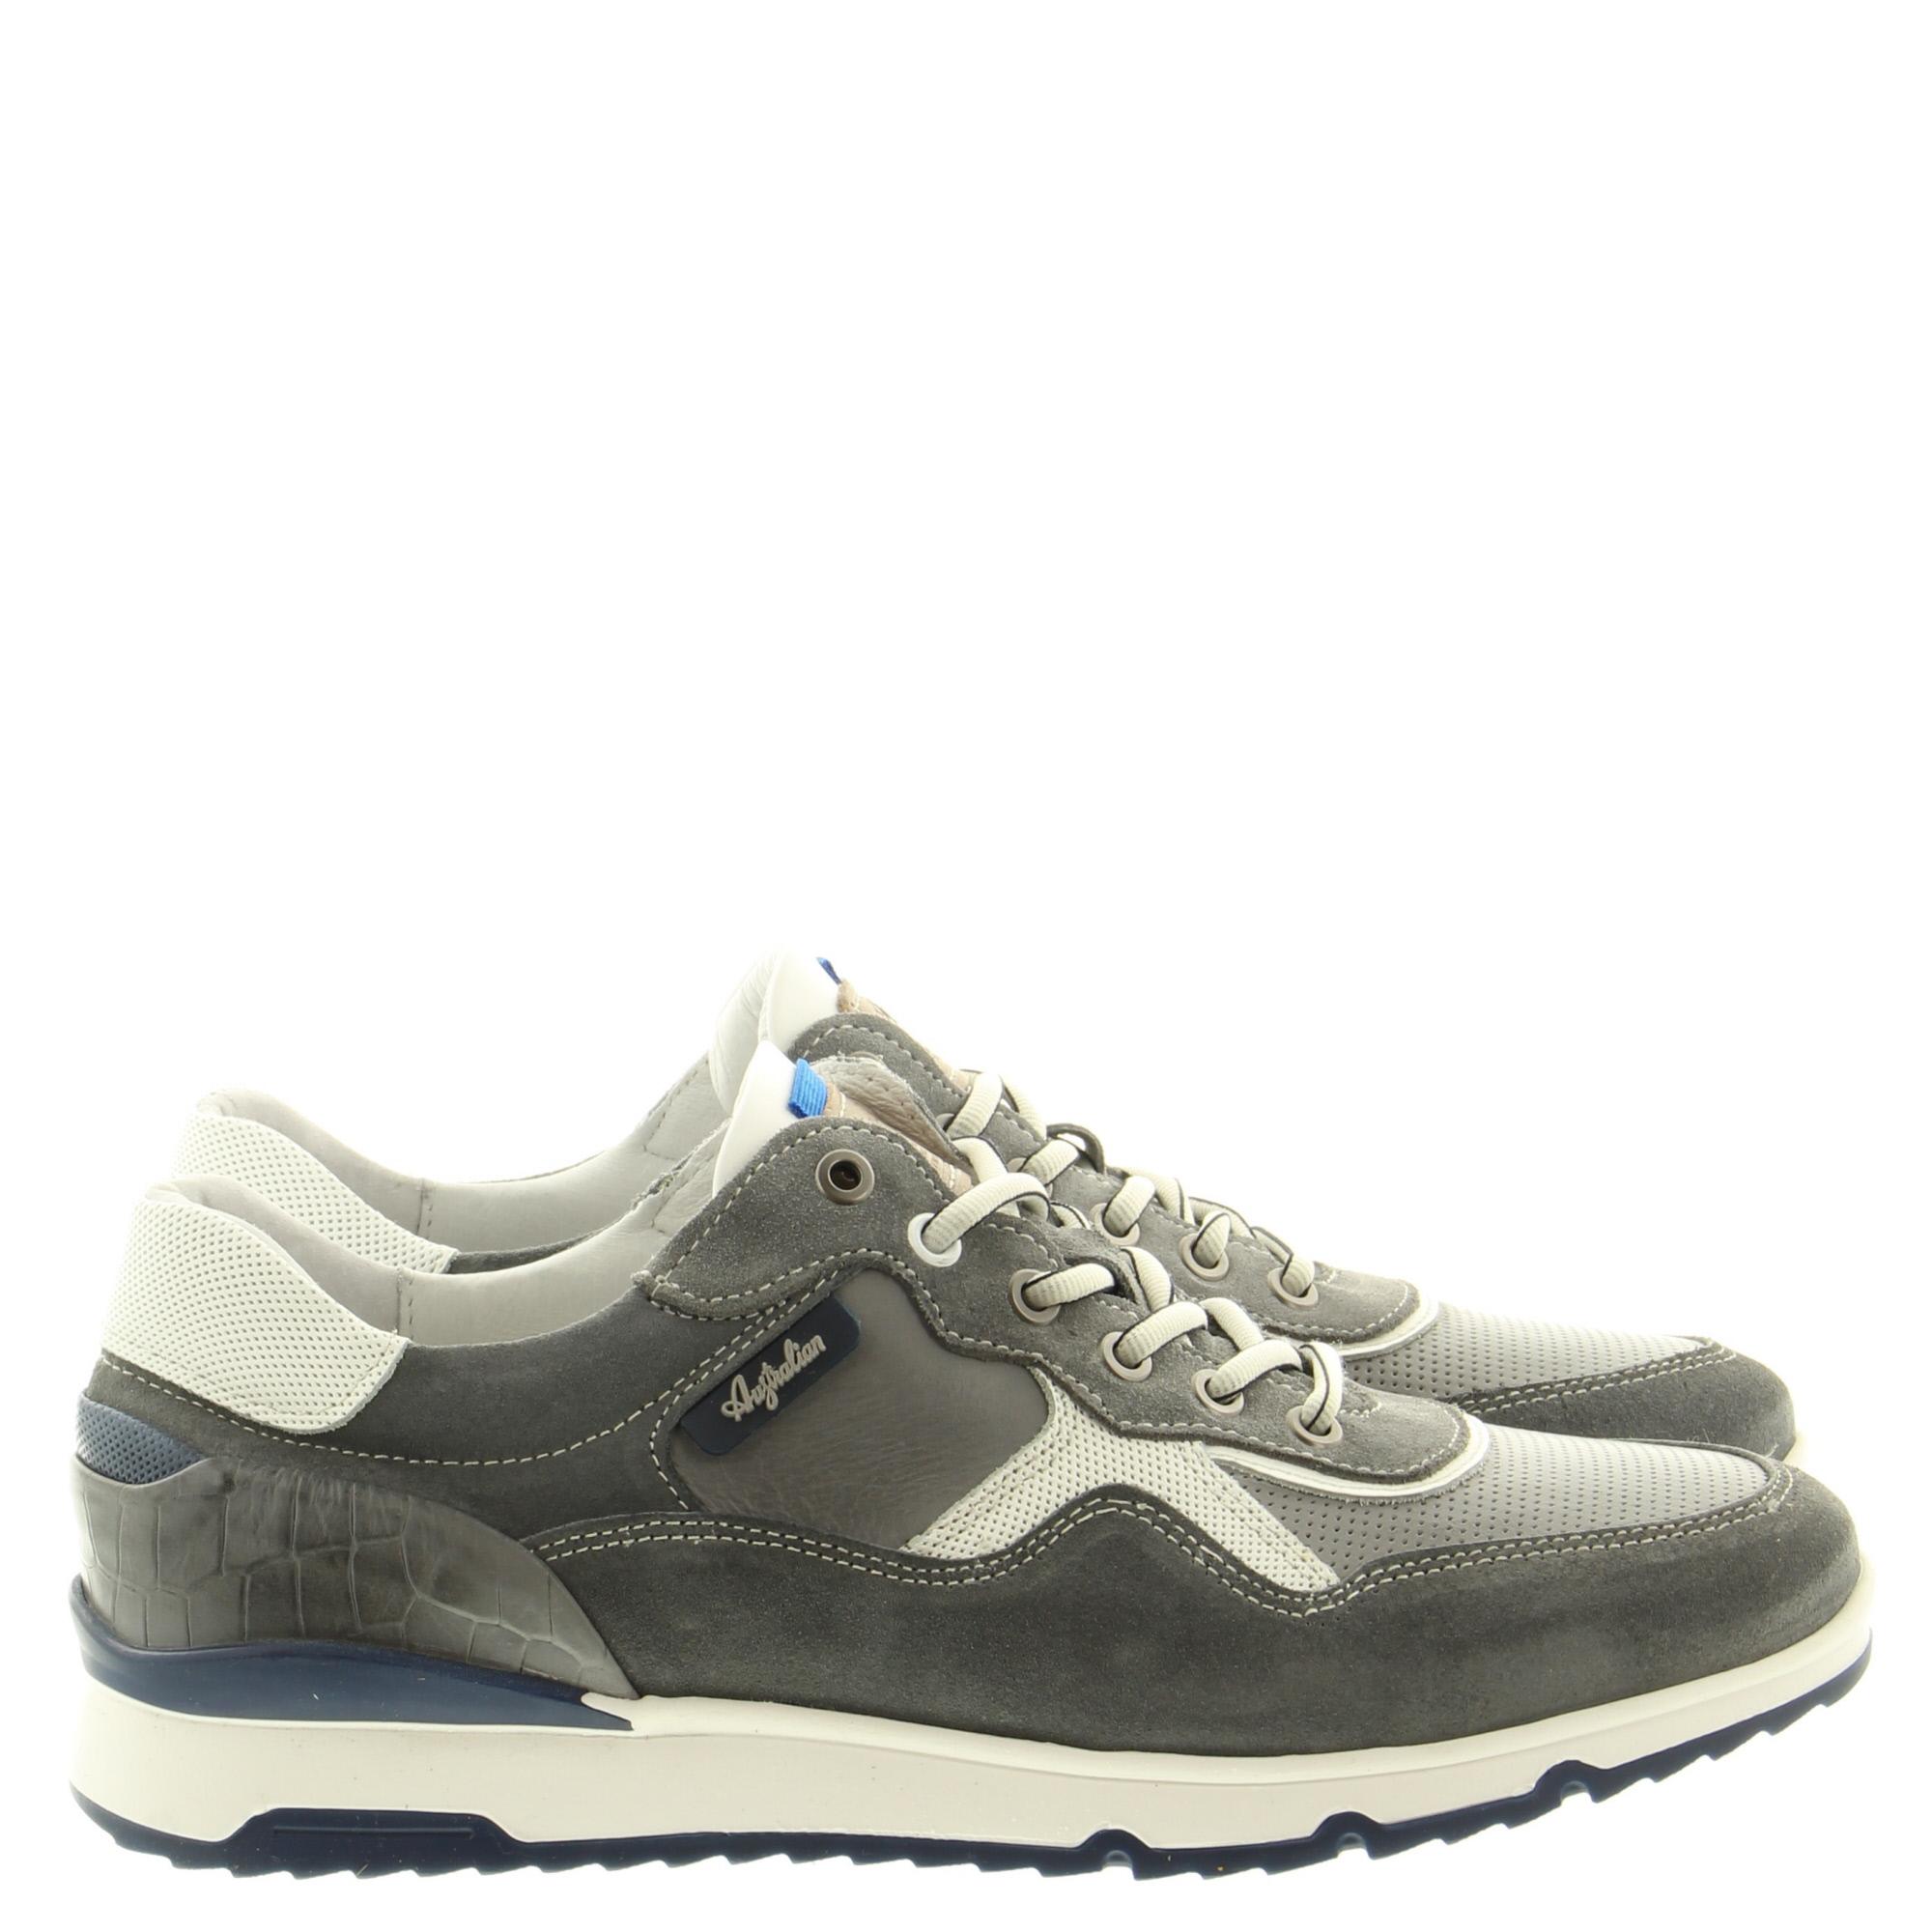 Australian Footwear Mazoni 15.1519.01 KC6 Grey-White-Blue